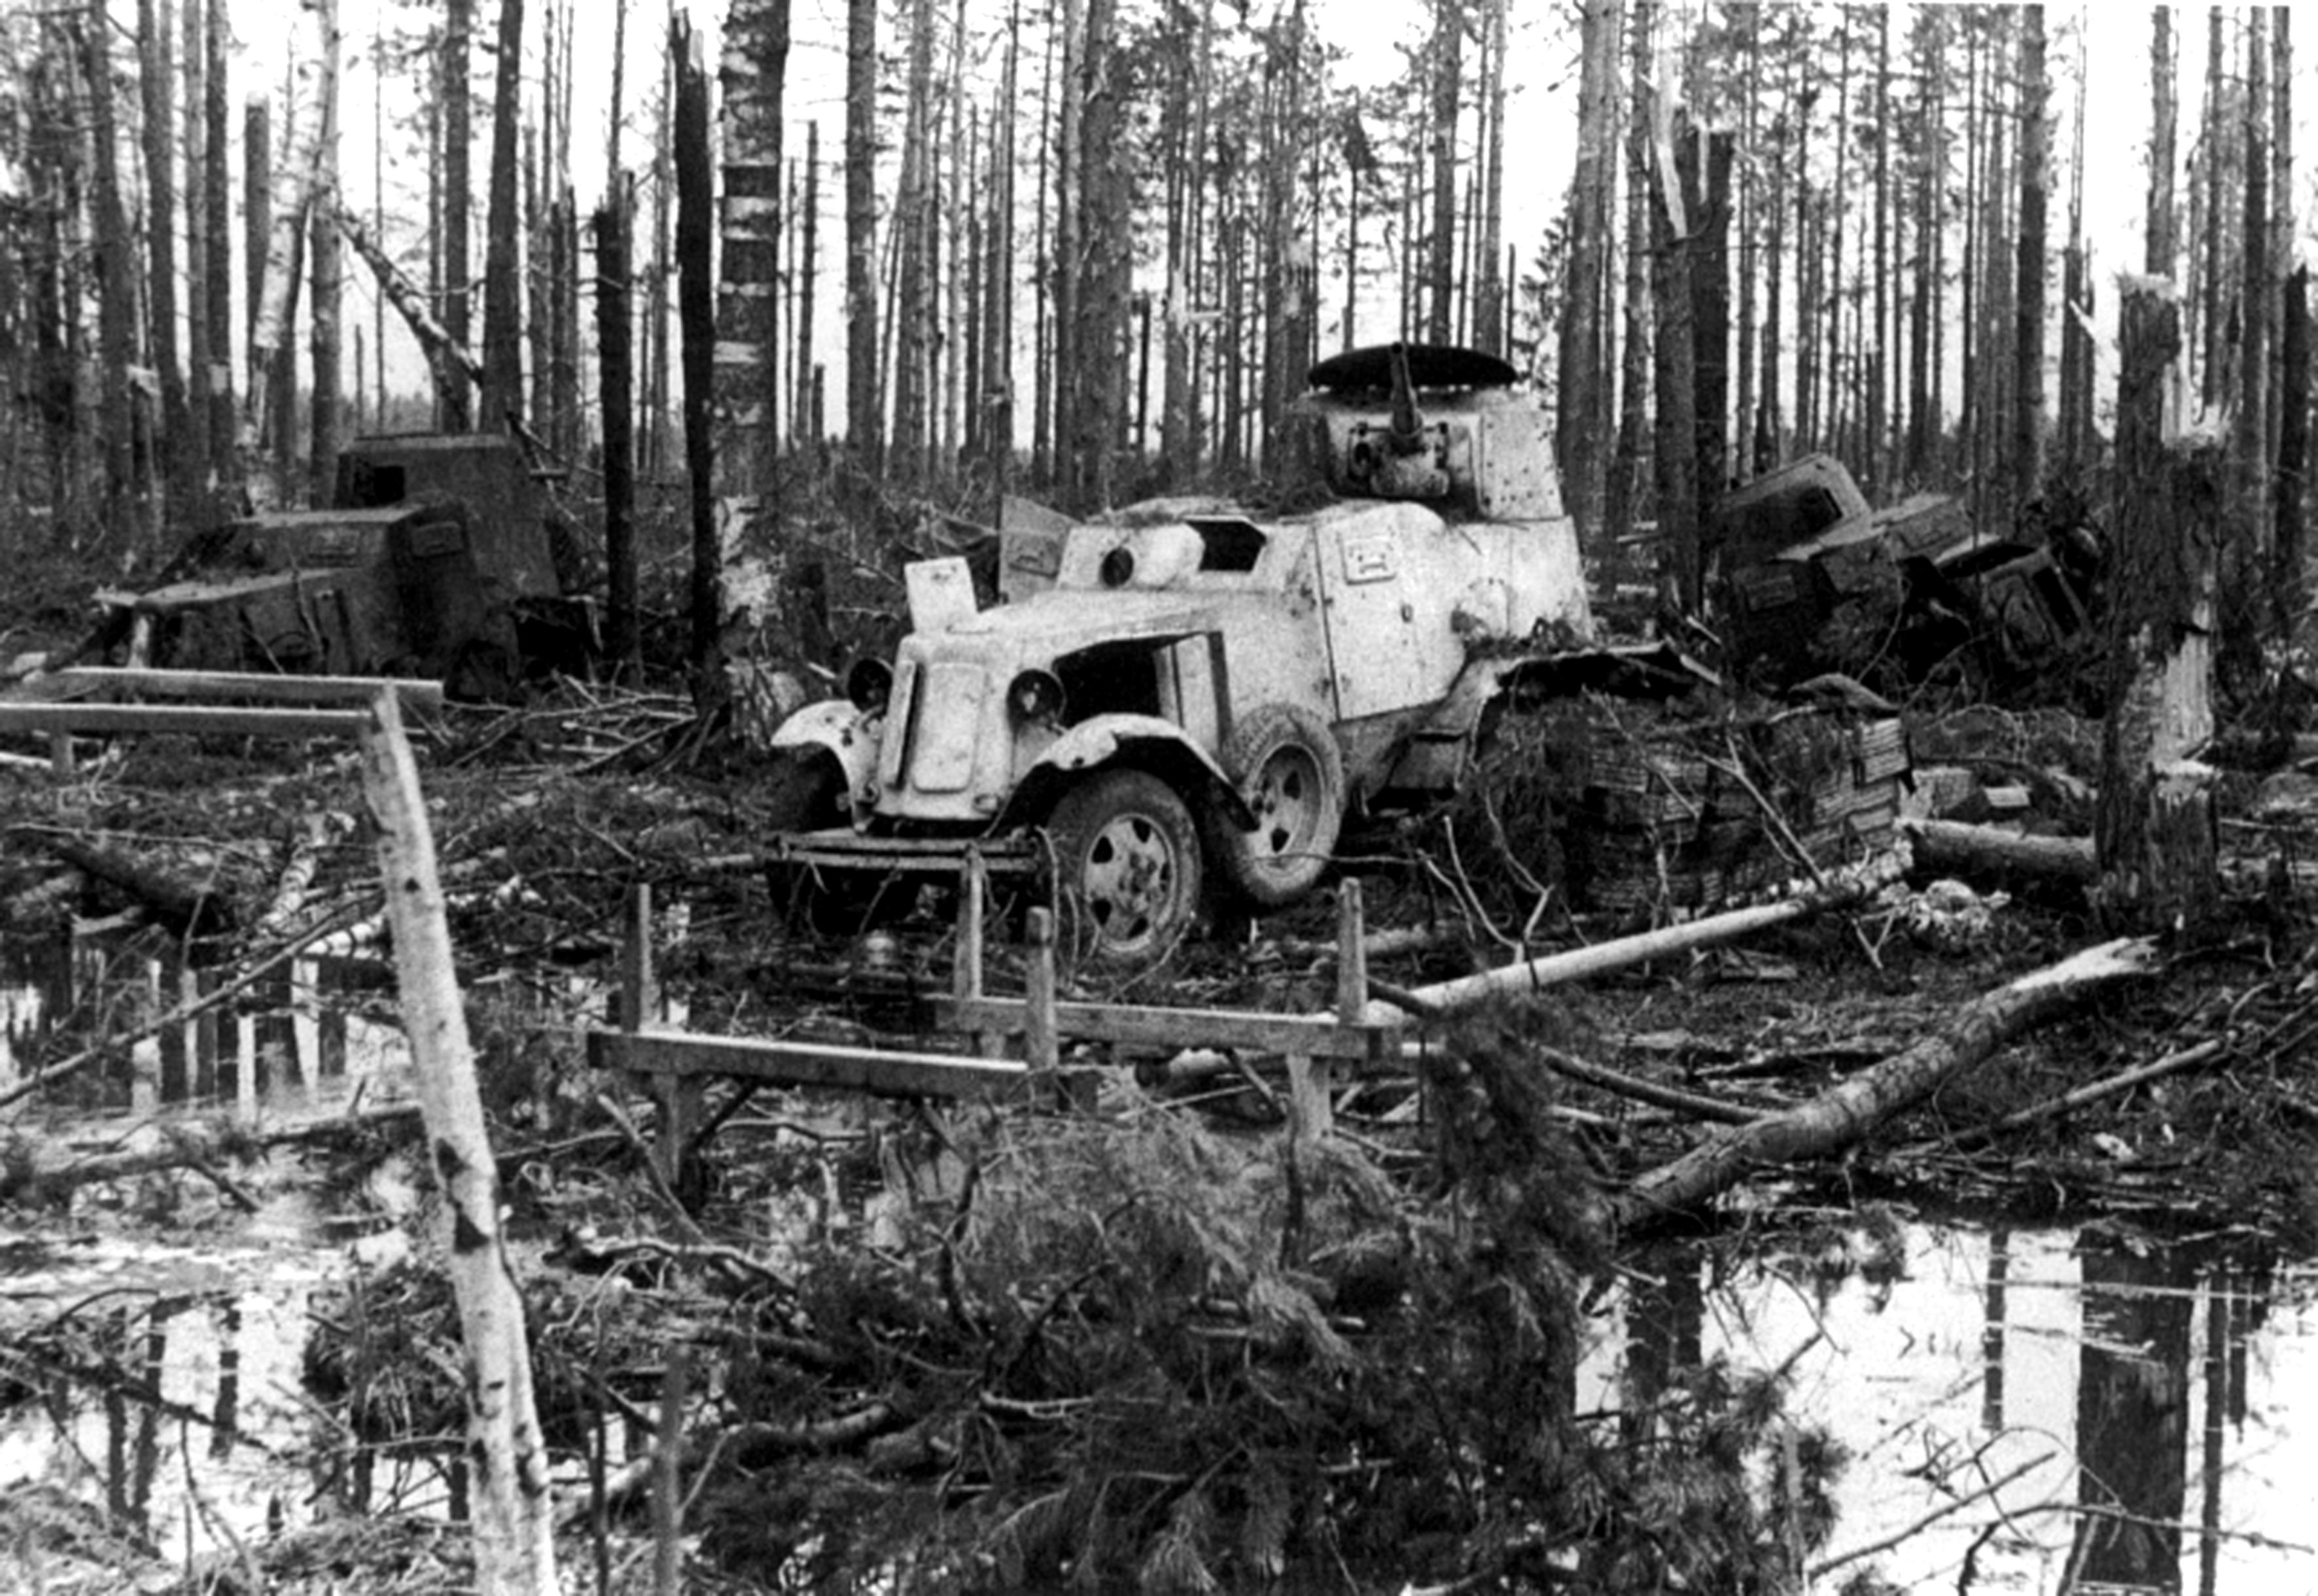 Советские бронеавтомобили ба-10, подбитые в лесу - фото воен.